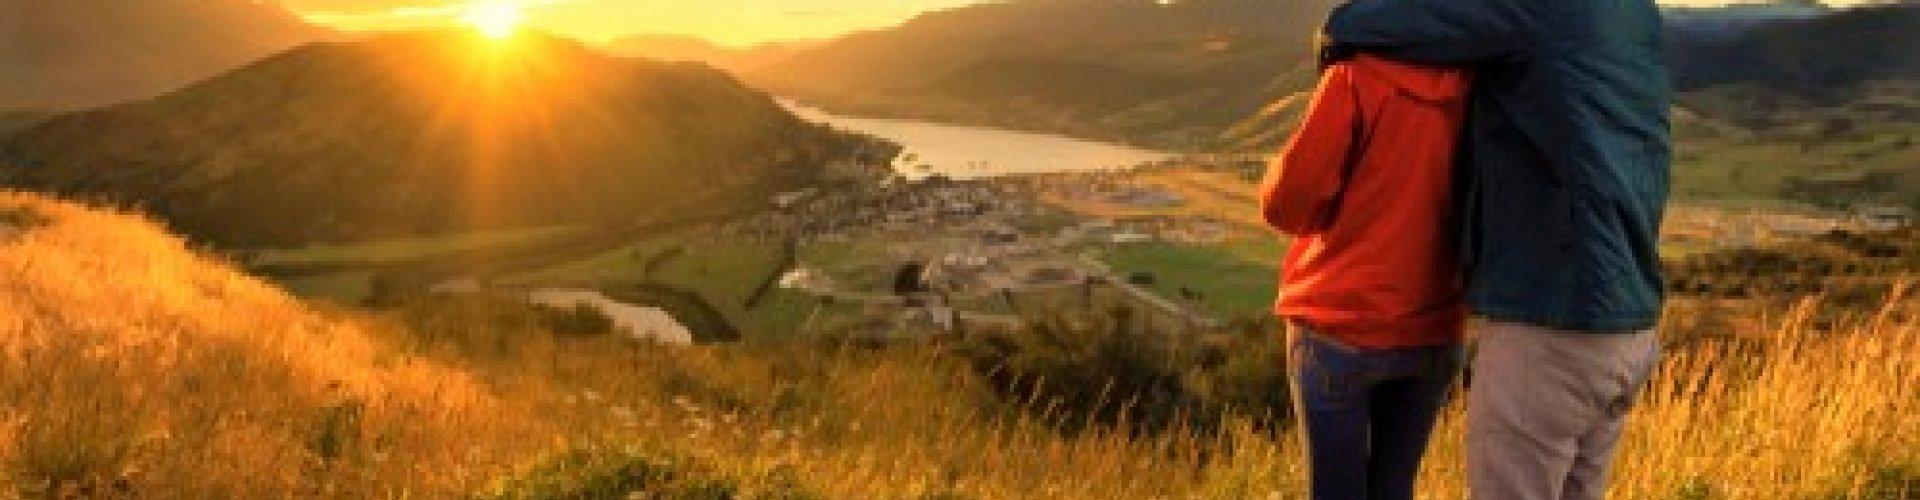 Romantyczny pobyt w górach